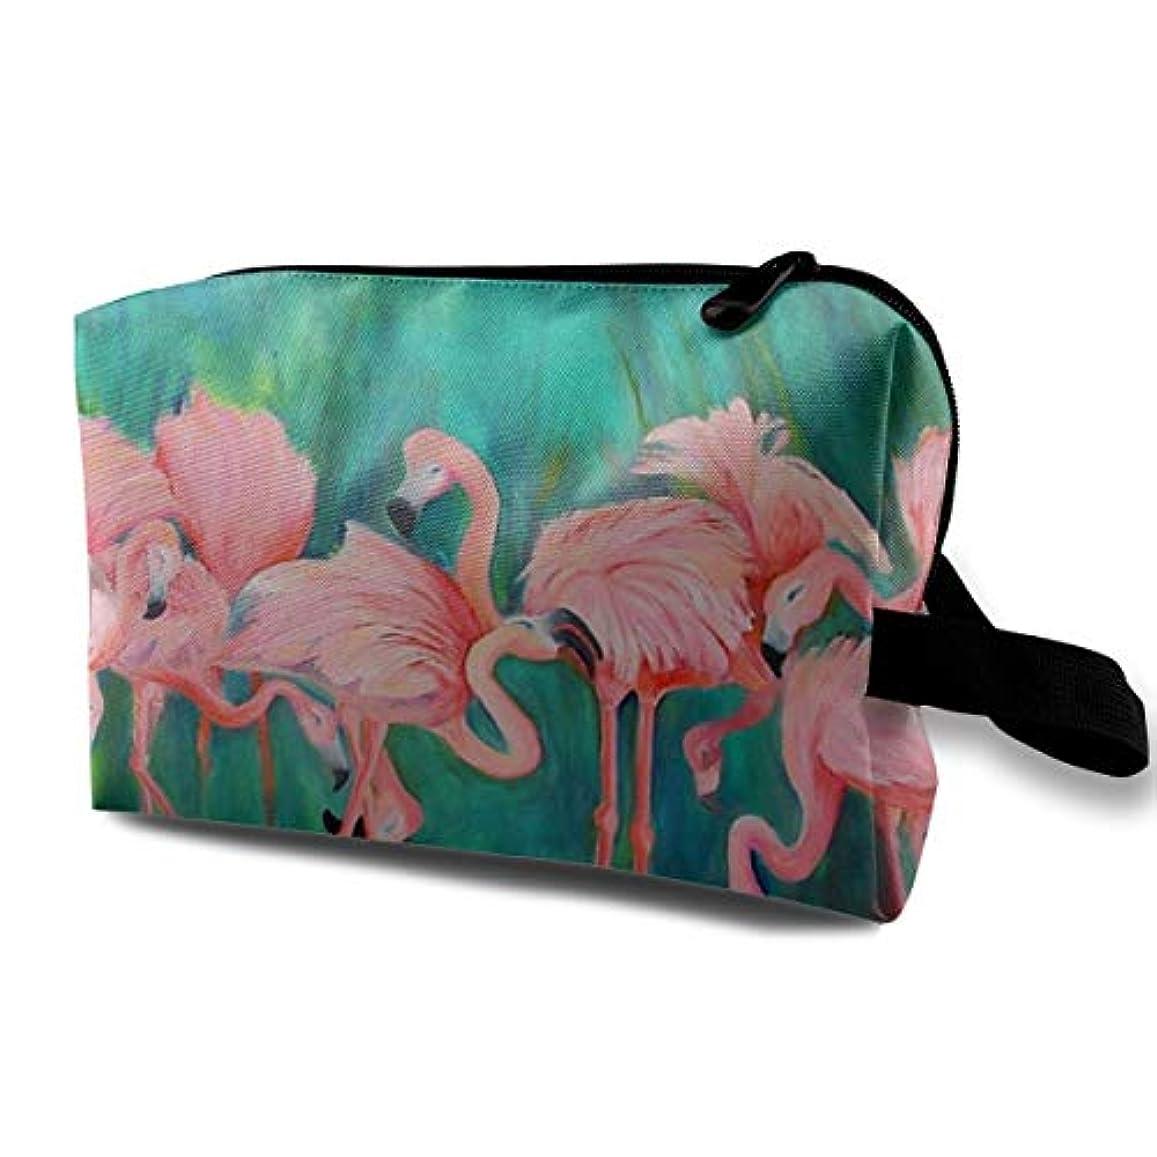 腸一反対したPink Flamingos 収納ポーチ 化粧ポーチ 大容量 軽量 耐久性 ハンドル付持ち運び便利。入れ 自宅?出張?旅行?アウトドア撮影などに対応。メンズ レディース トラベルグッズ